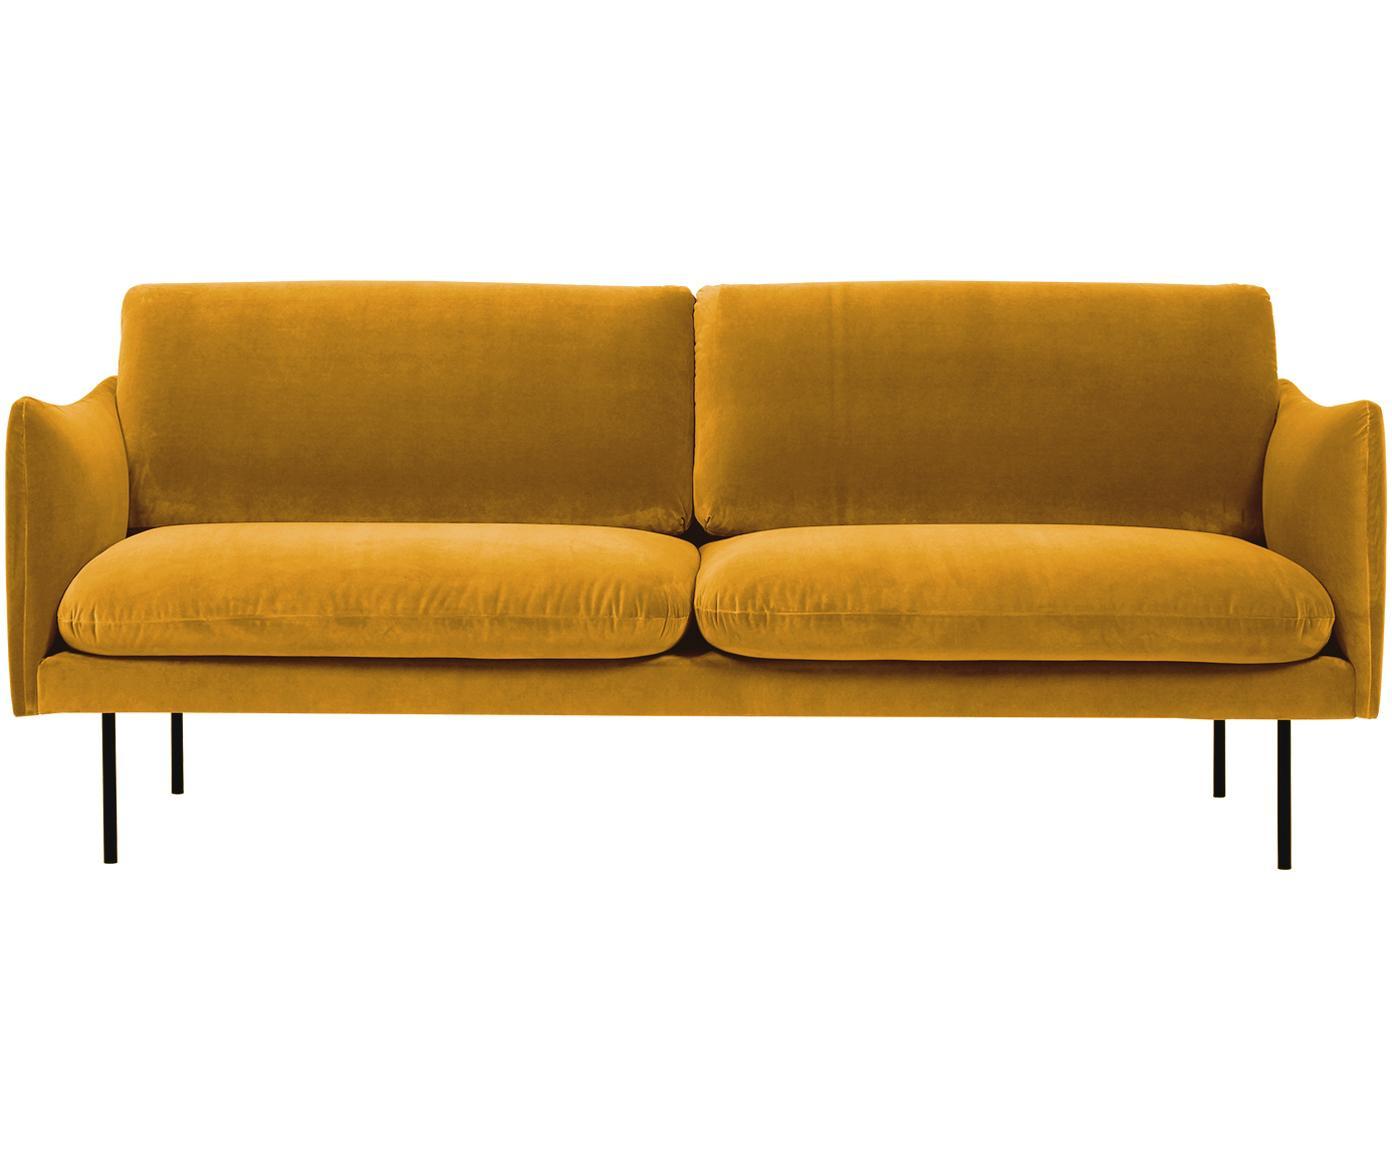 Fluwelen bank Moby (2-zits), Bekleding: fluweel (hoogwaardige pol, Frame: massief grenenhout, Poten: gepoedercoat metaal, Fluweel mosterdgeel, B 170 x D 95 cm